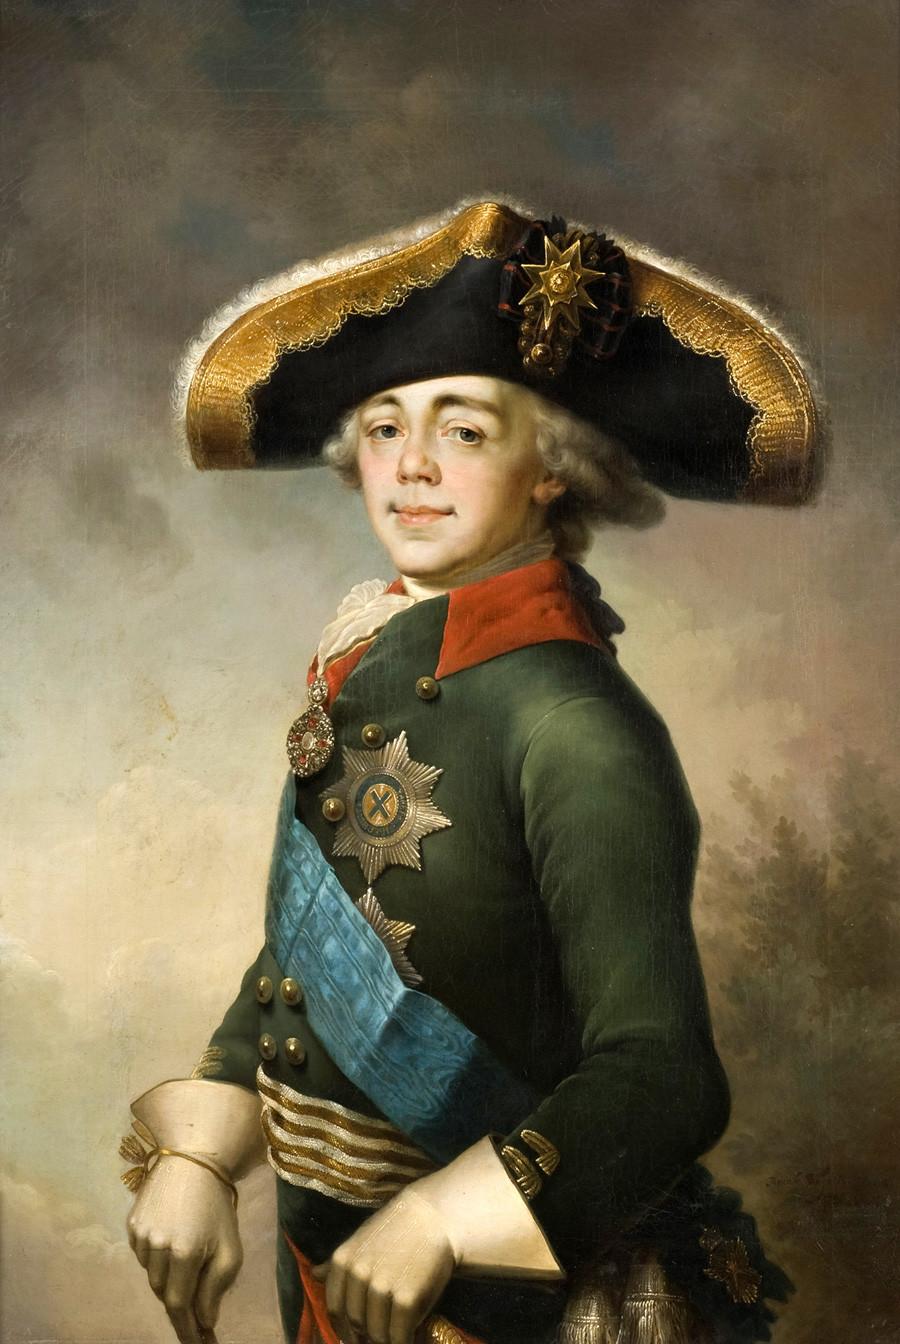 《沙皇保罗一世肖像》,弗拉基米尔•博罗维科夫斯基。图片来源:Novgorod State Museum Preserve